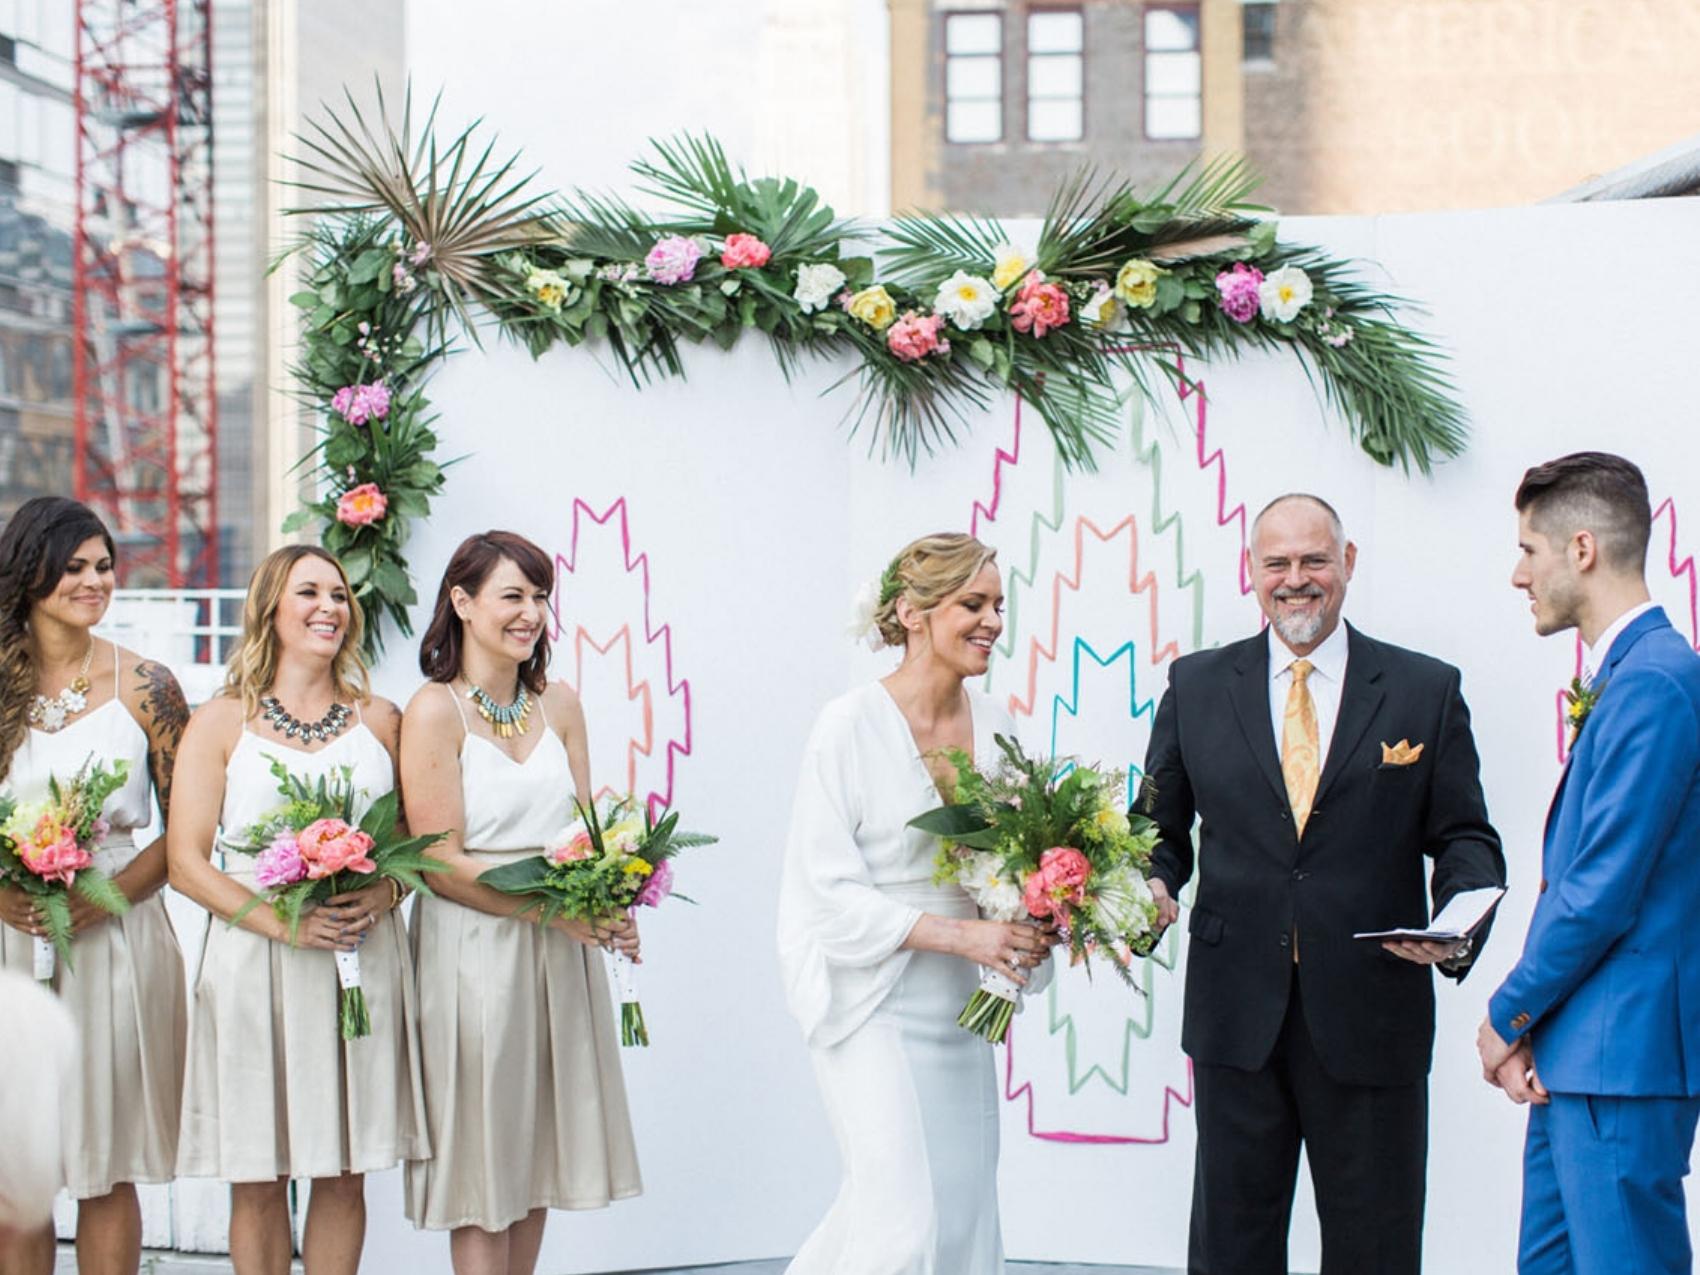 lindsaygreg-wedding-16.jpg